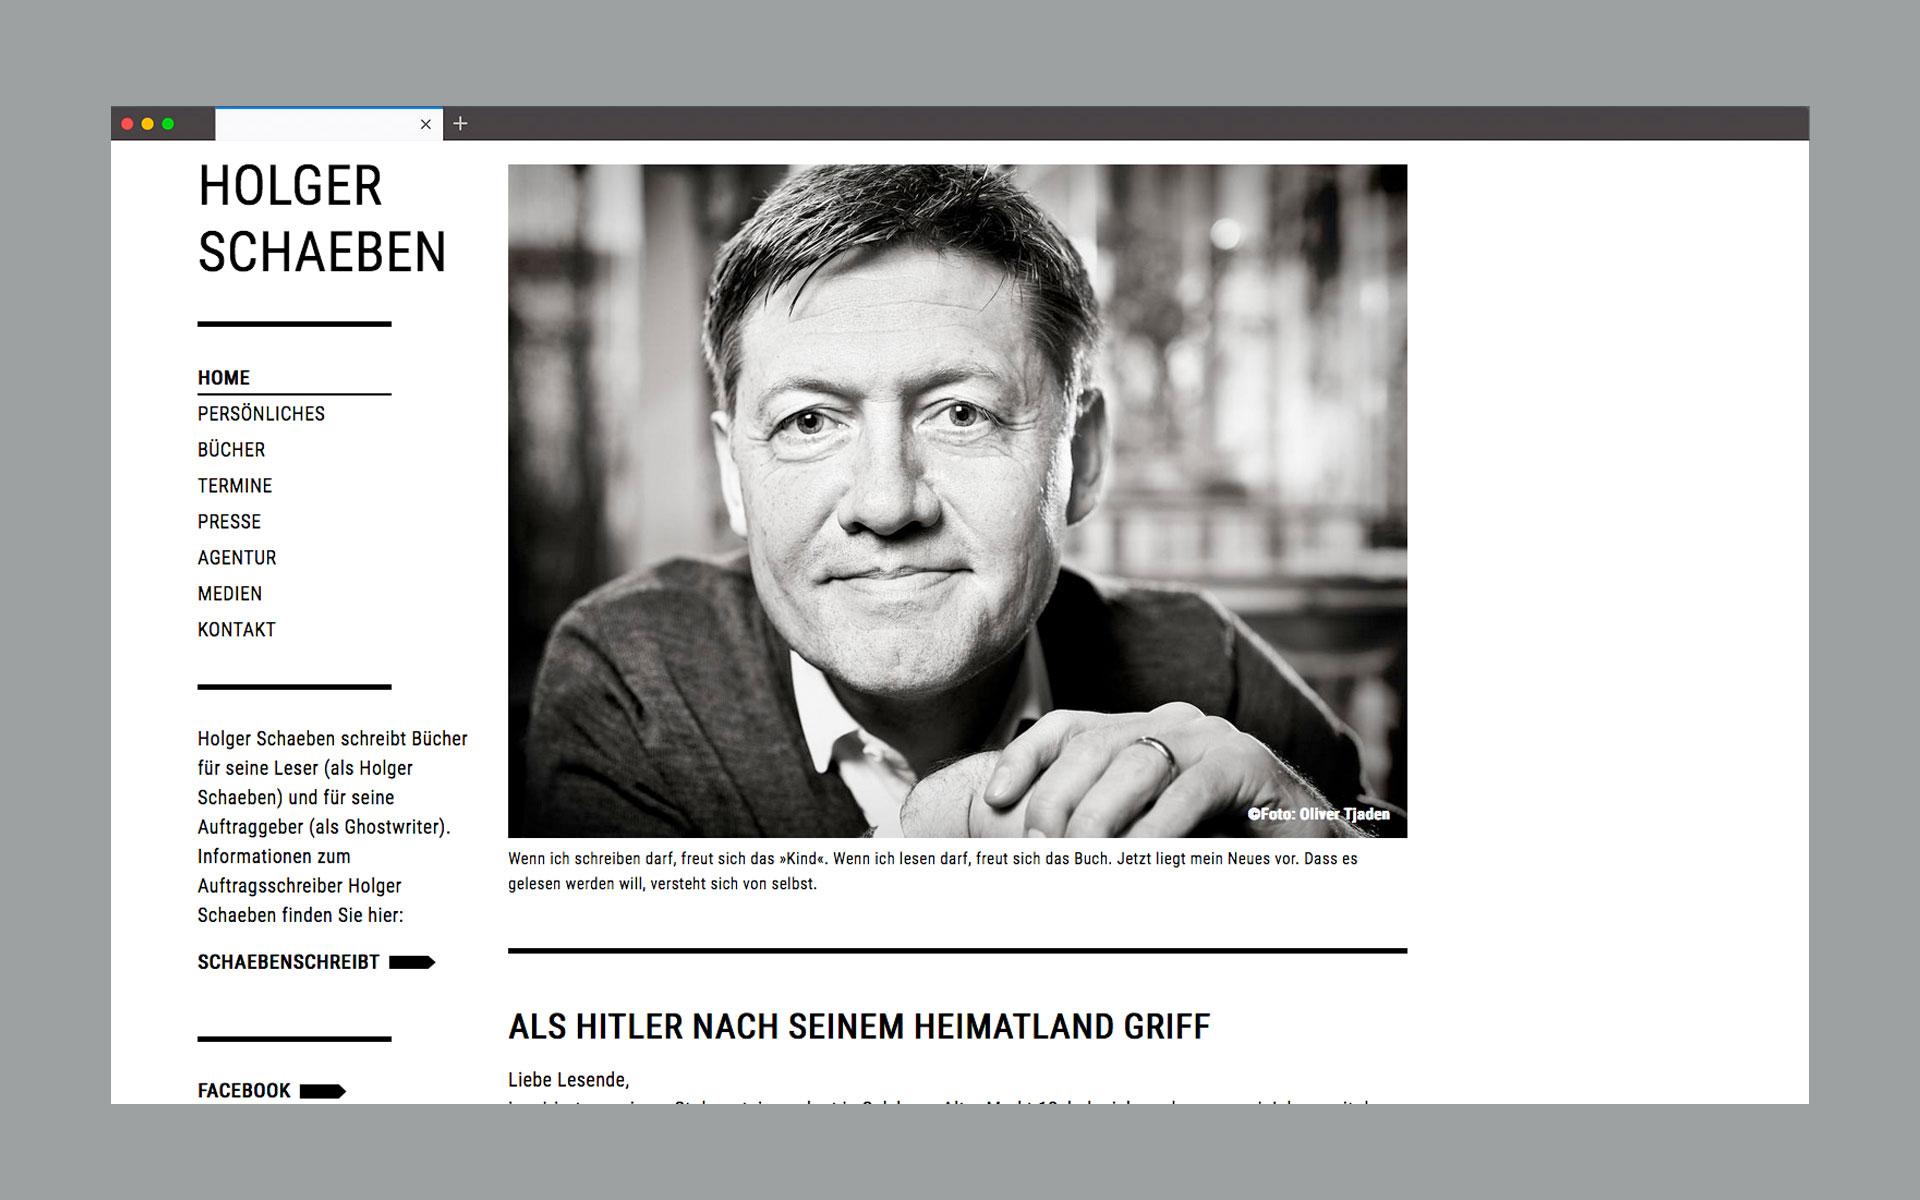 SEITENWEISE BÜCHER: WEBSITE FÜR EINEN AUTOR.